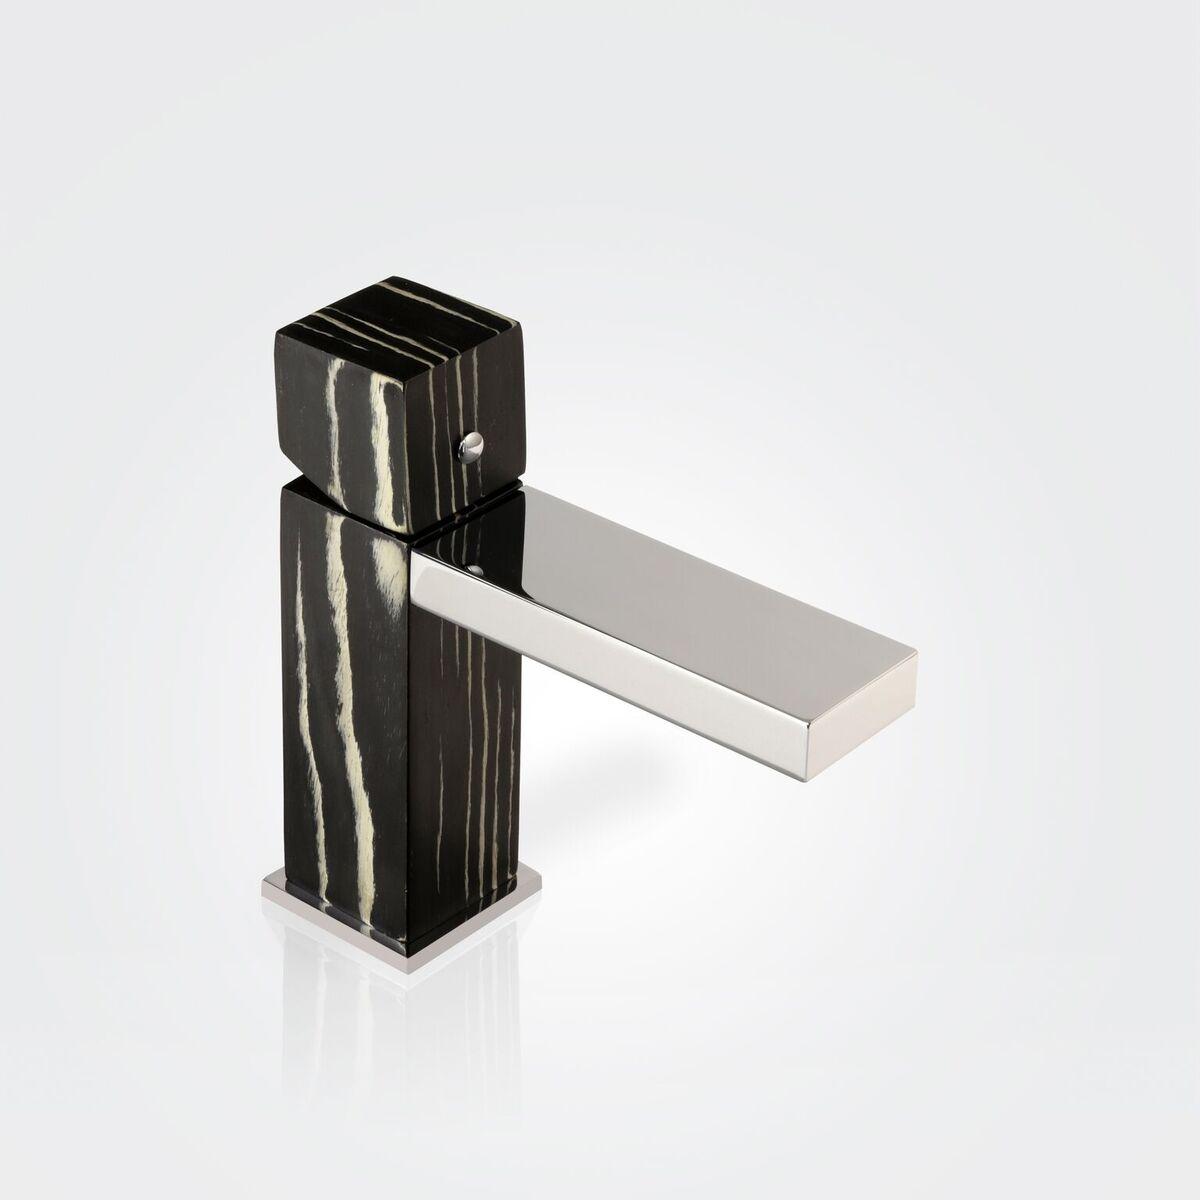 Niedrige Waschtischarmatur GHD02 (Ausführung Ebenholz schwarz/weiß)